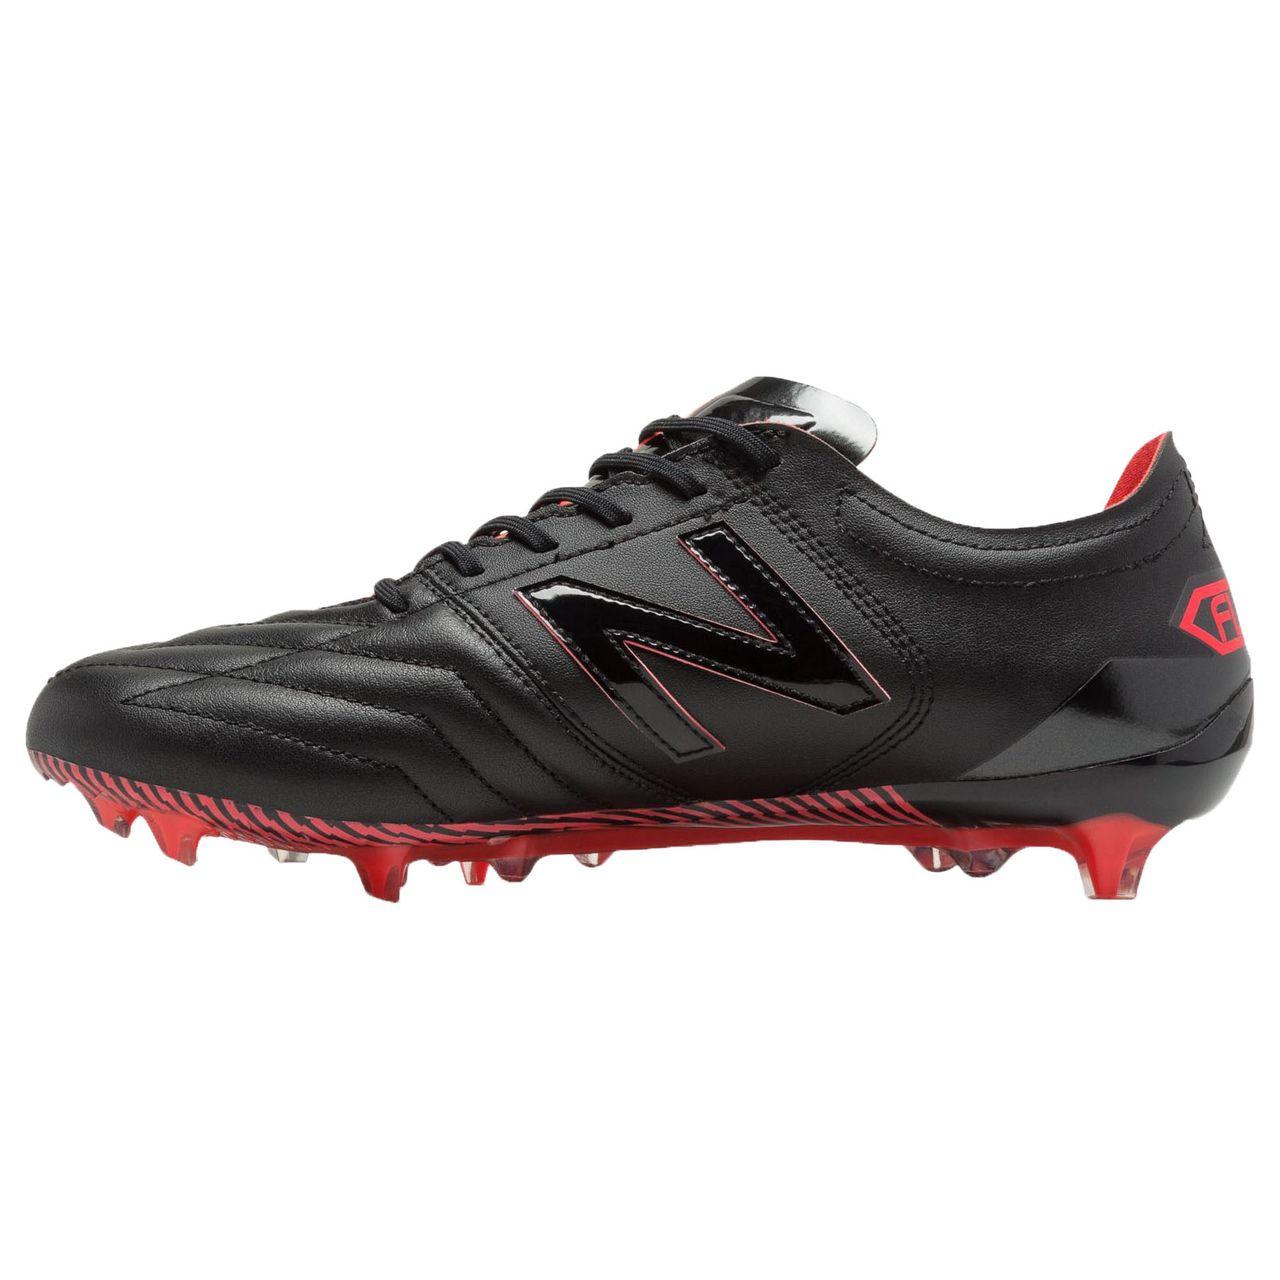 کفش فوتبال مردانه نیو بالانس کد MSFKFBE3